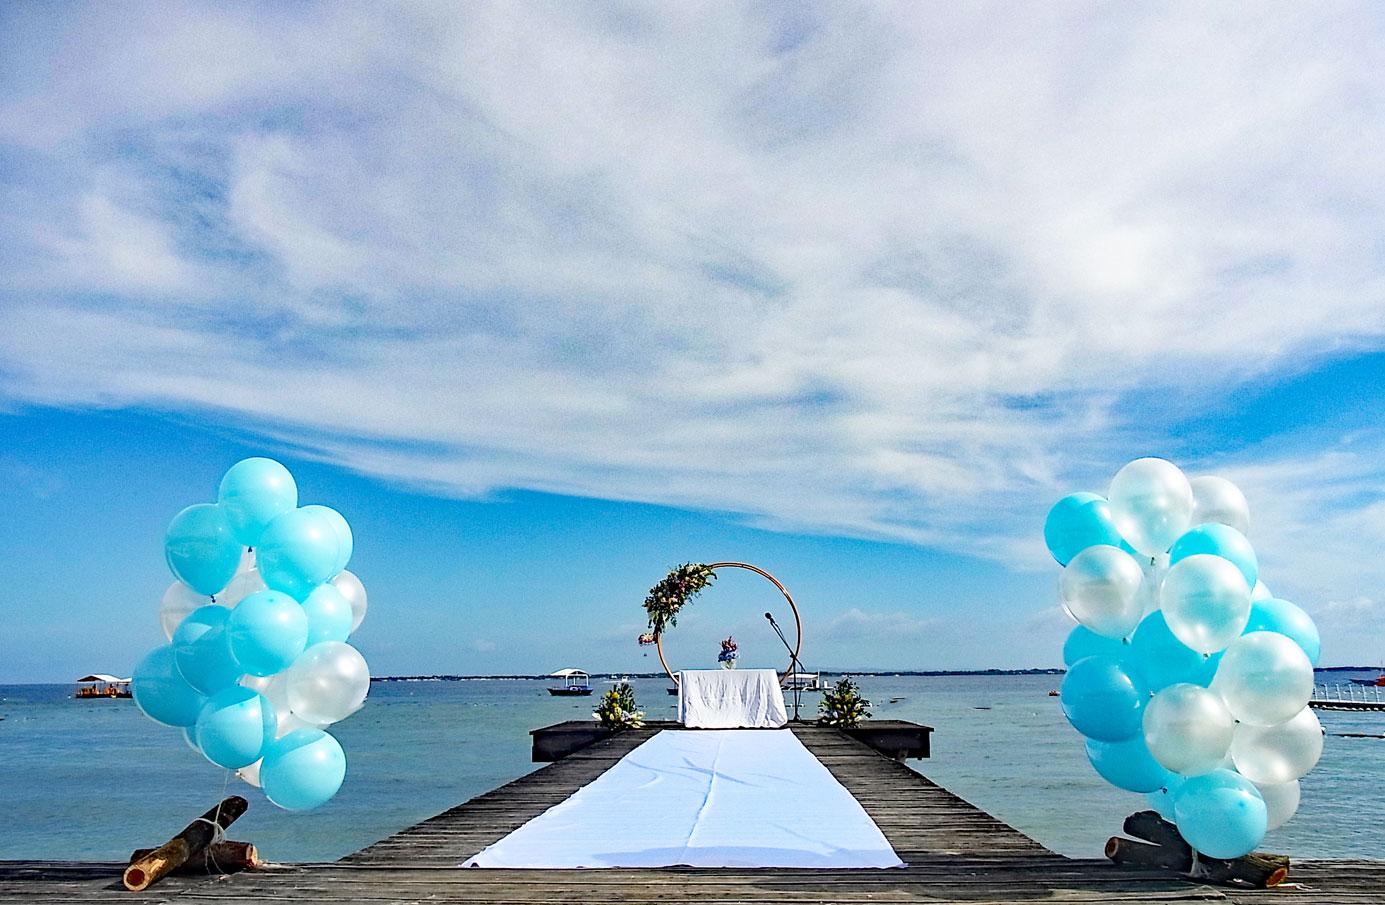 セブ島結婚式 セブ島挙式会場 セブ島ウエディング セブ島シャトーバイザシー